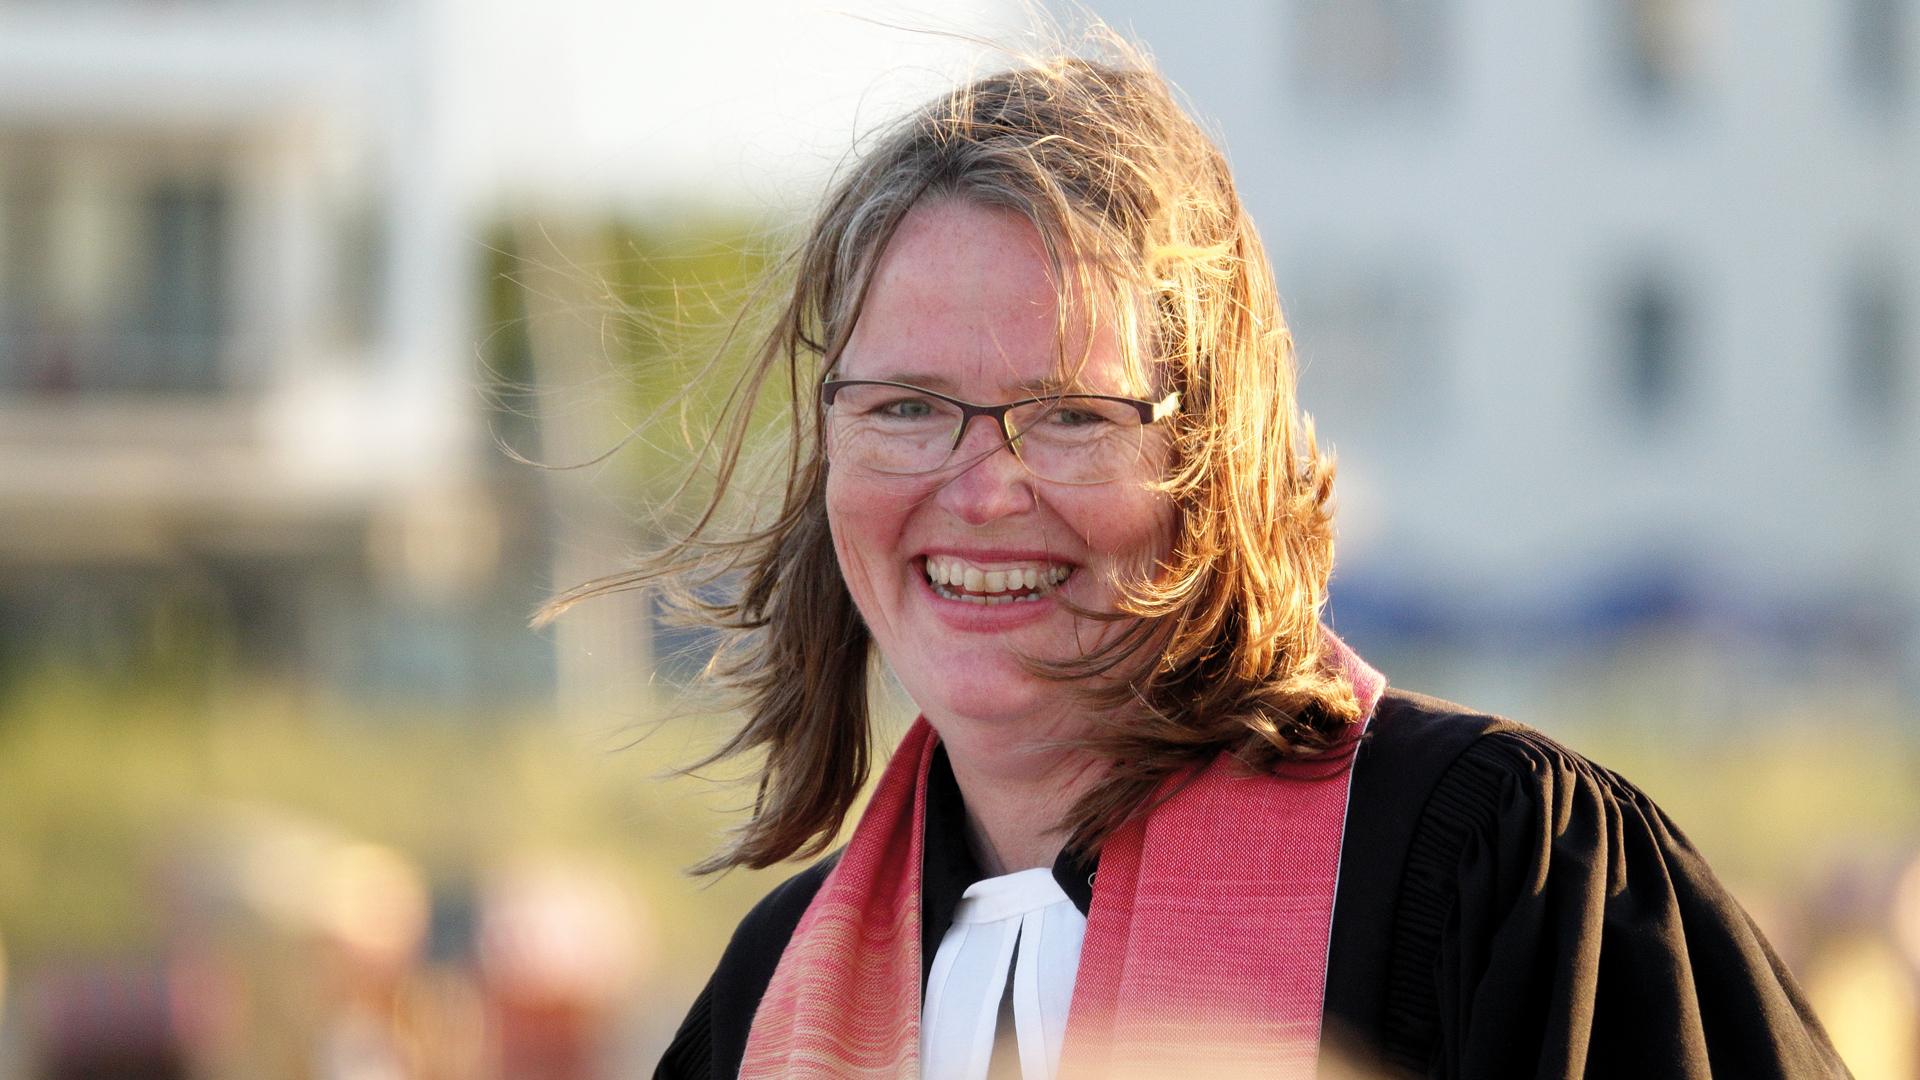 Katharina Gralla, 52 Jahre, ist von Mai bis September Strandpastorin in der Kirchenregion Strand. Fünf Gemeinden rund um die Lübecker Bucht zwischen Niendorf und Sierksdorf gehören dazu.